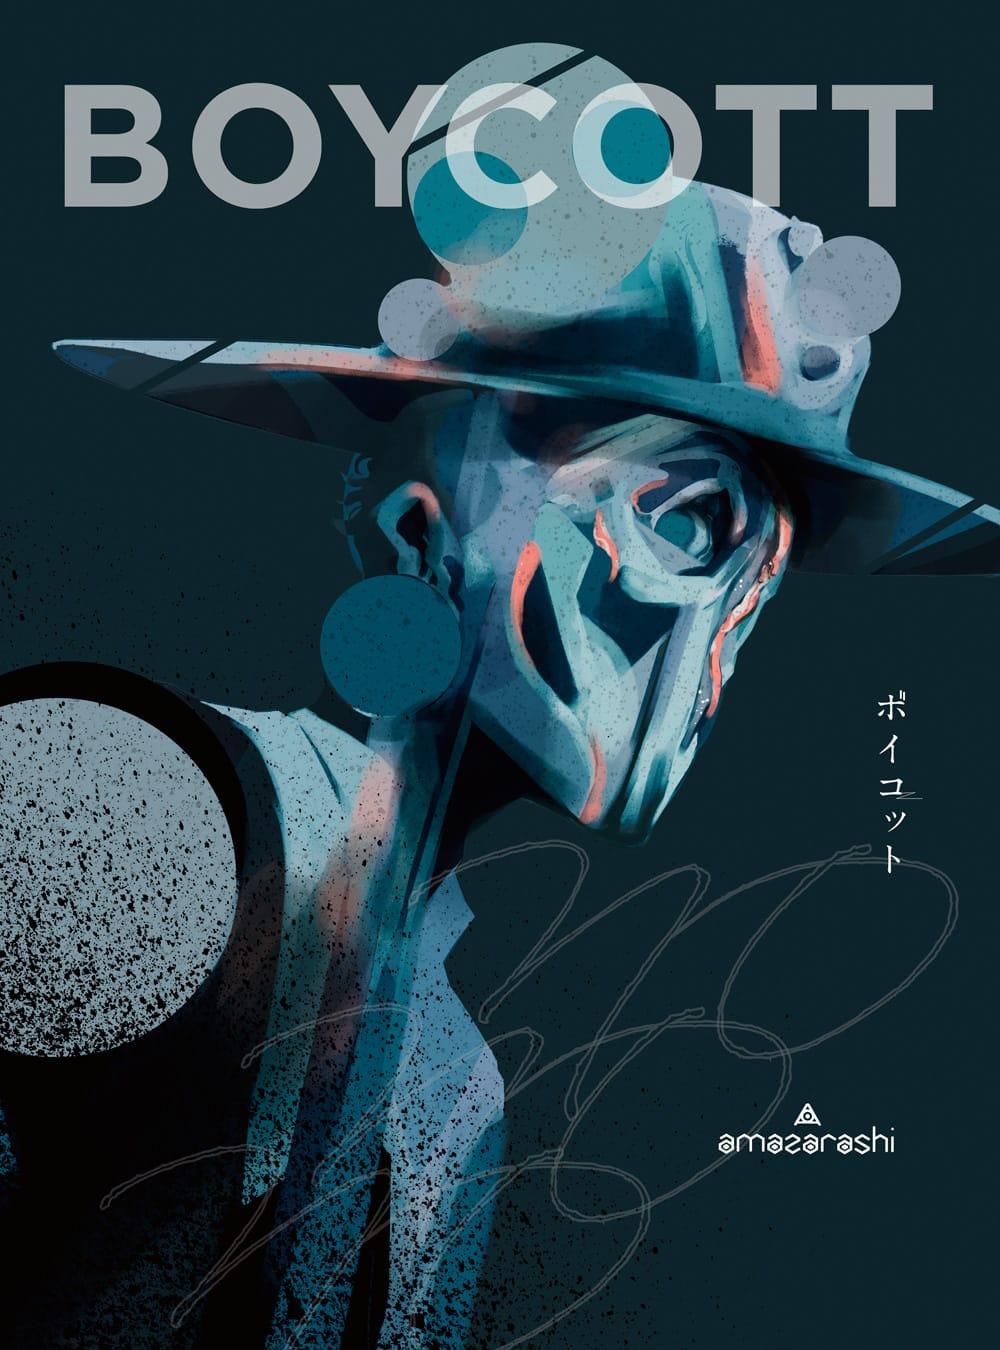 Amazarashi おしゃれまとめの人気アイデア Pinterest 百々塩 海松茶 2020 ボイコット 雨天 インディーズバンド